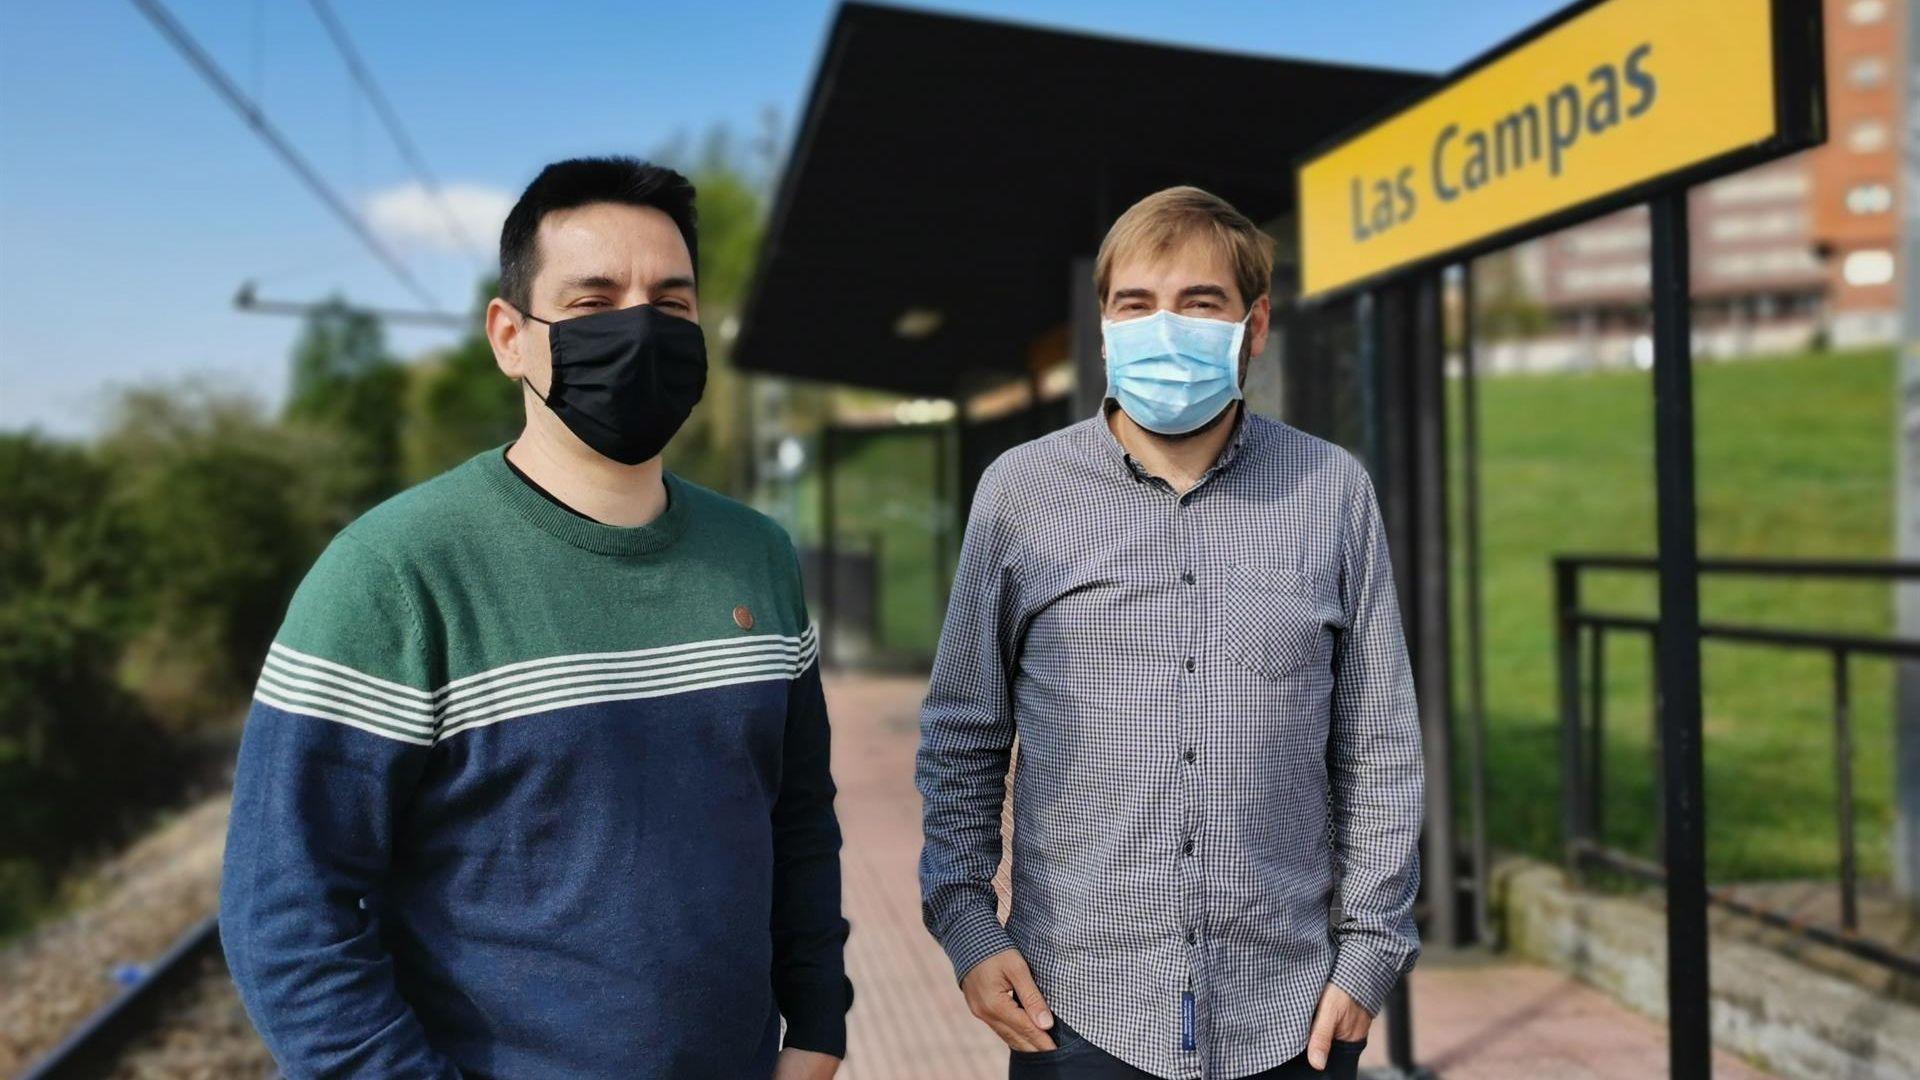 Del Páramo y Daniel Ripa en Las Campas